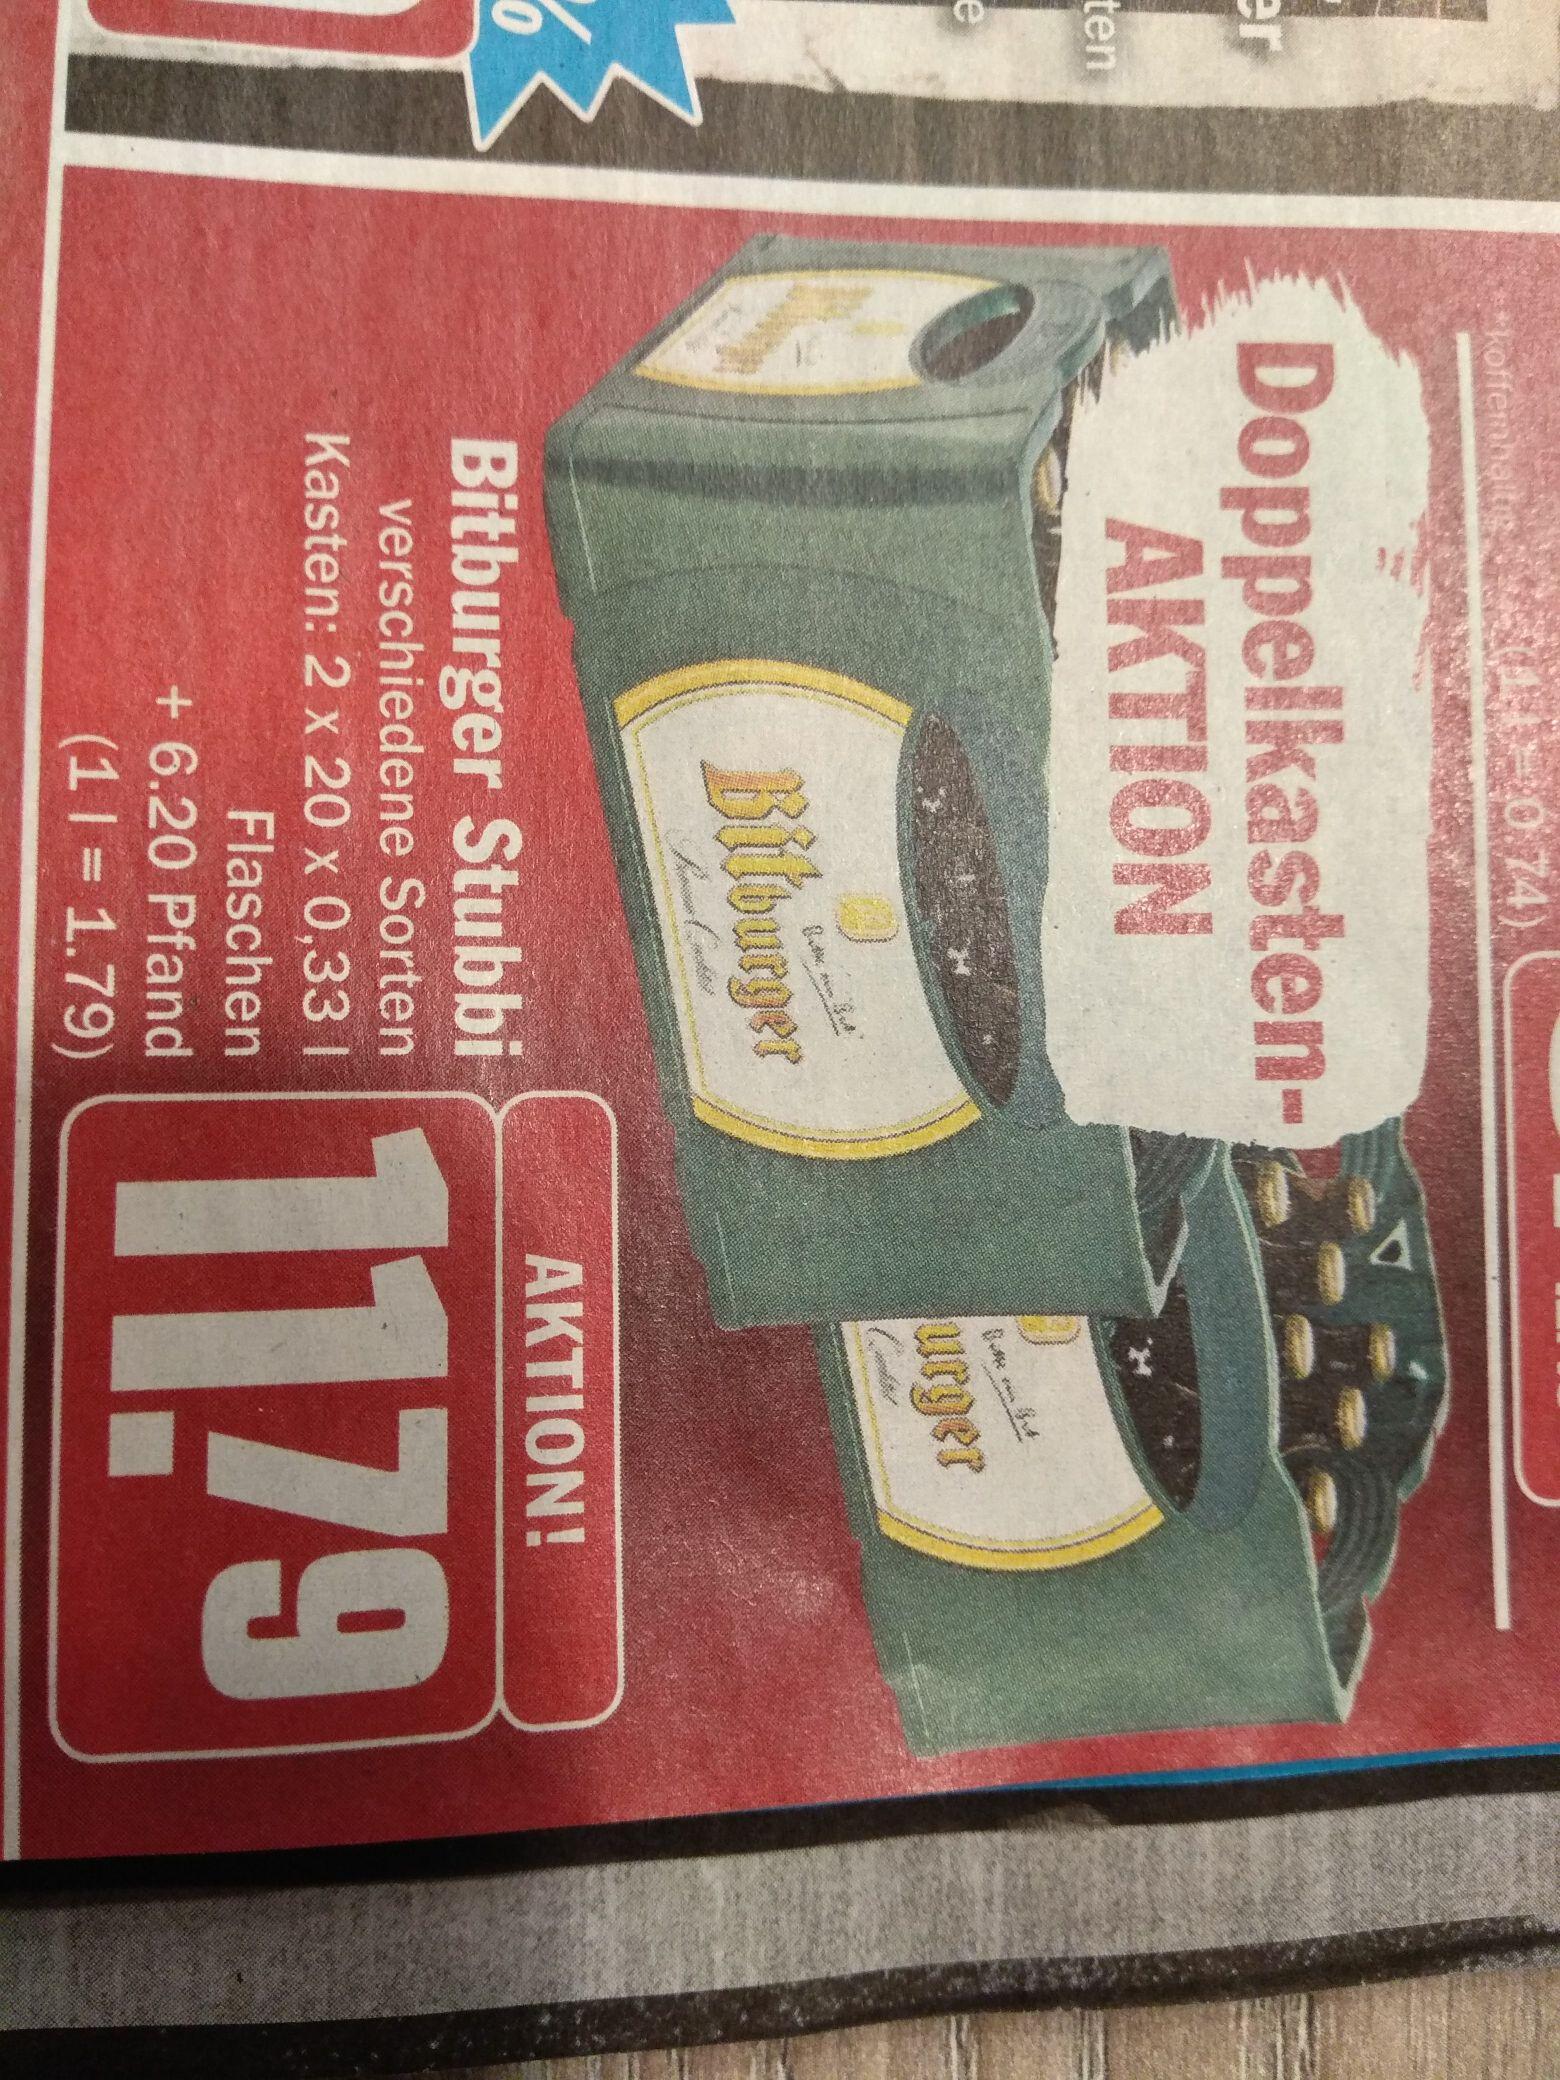 Doppelkasten Bitburger Stubbi für 11,79€ ab 30.12.